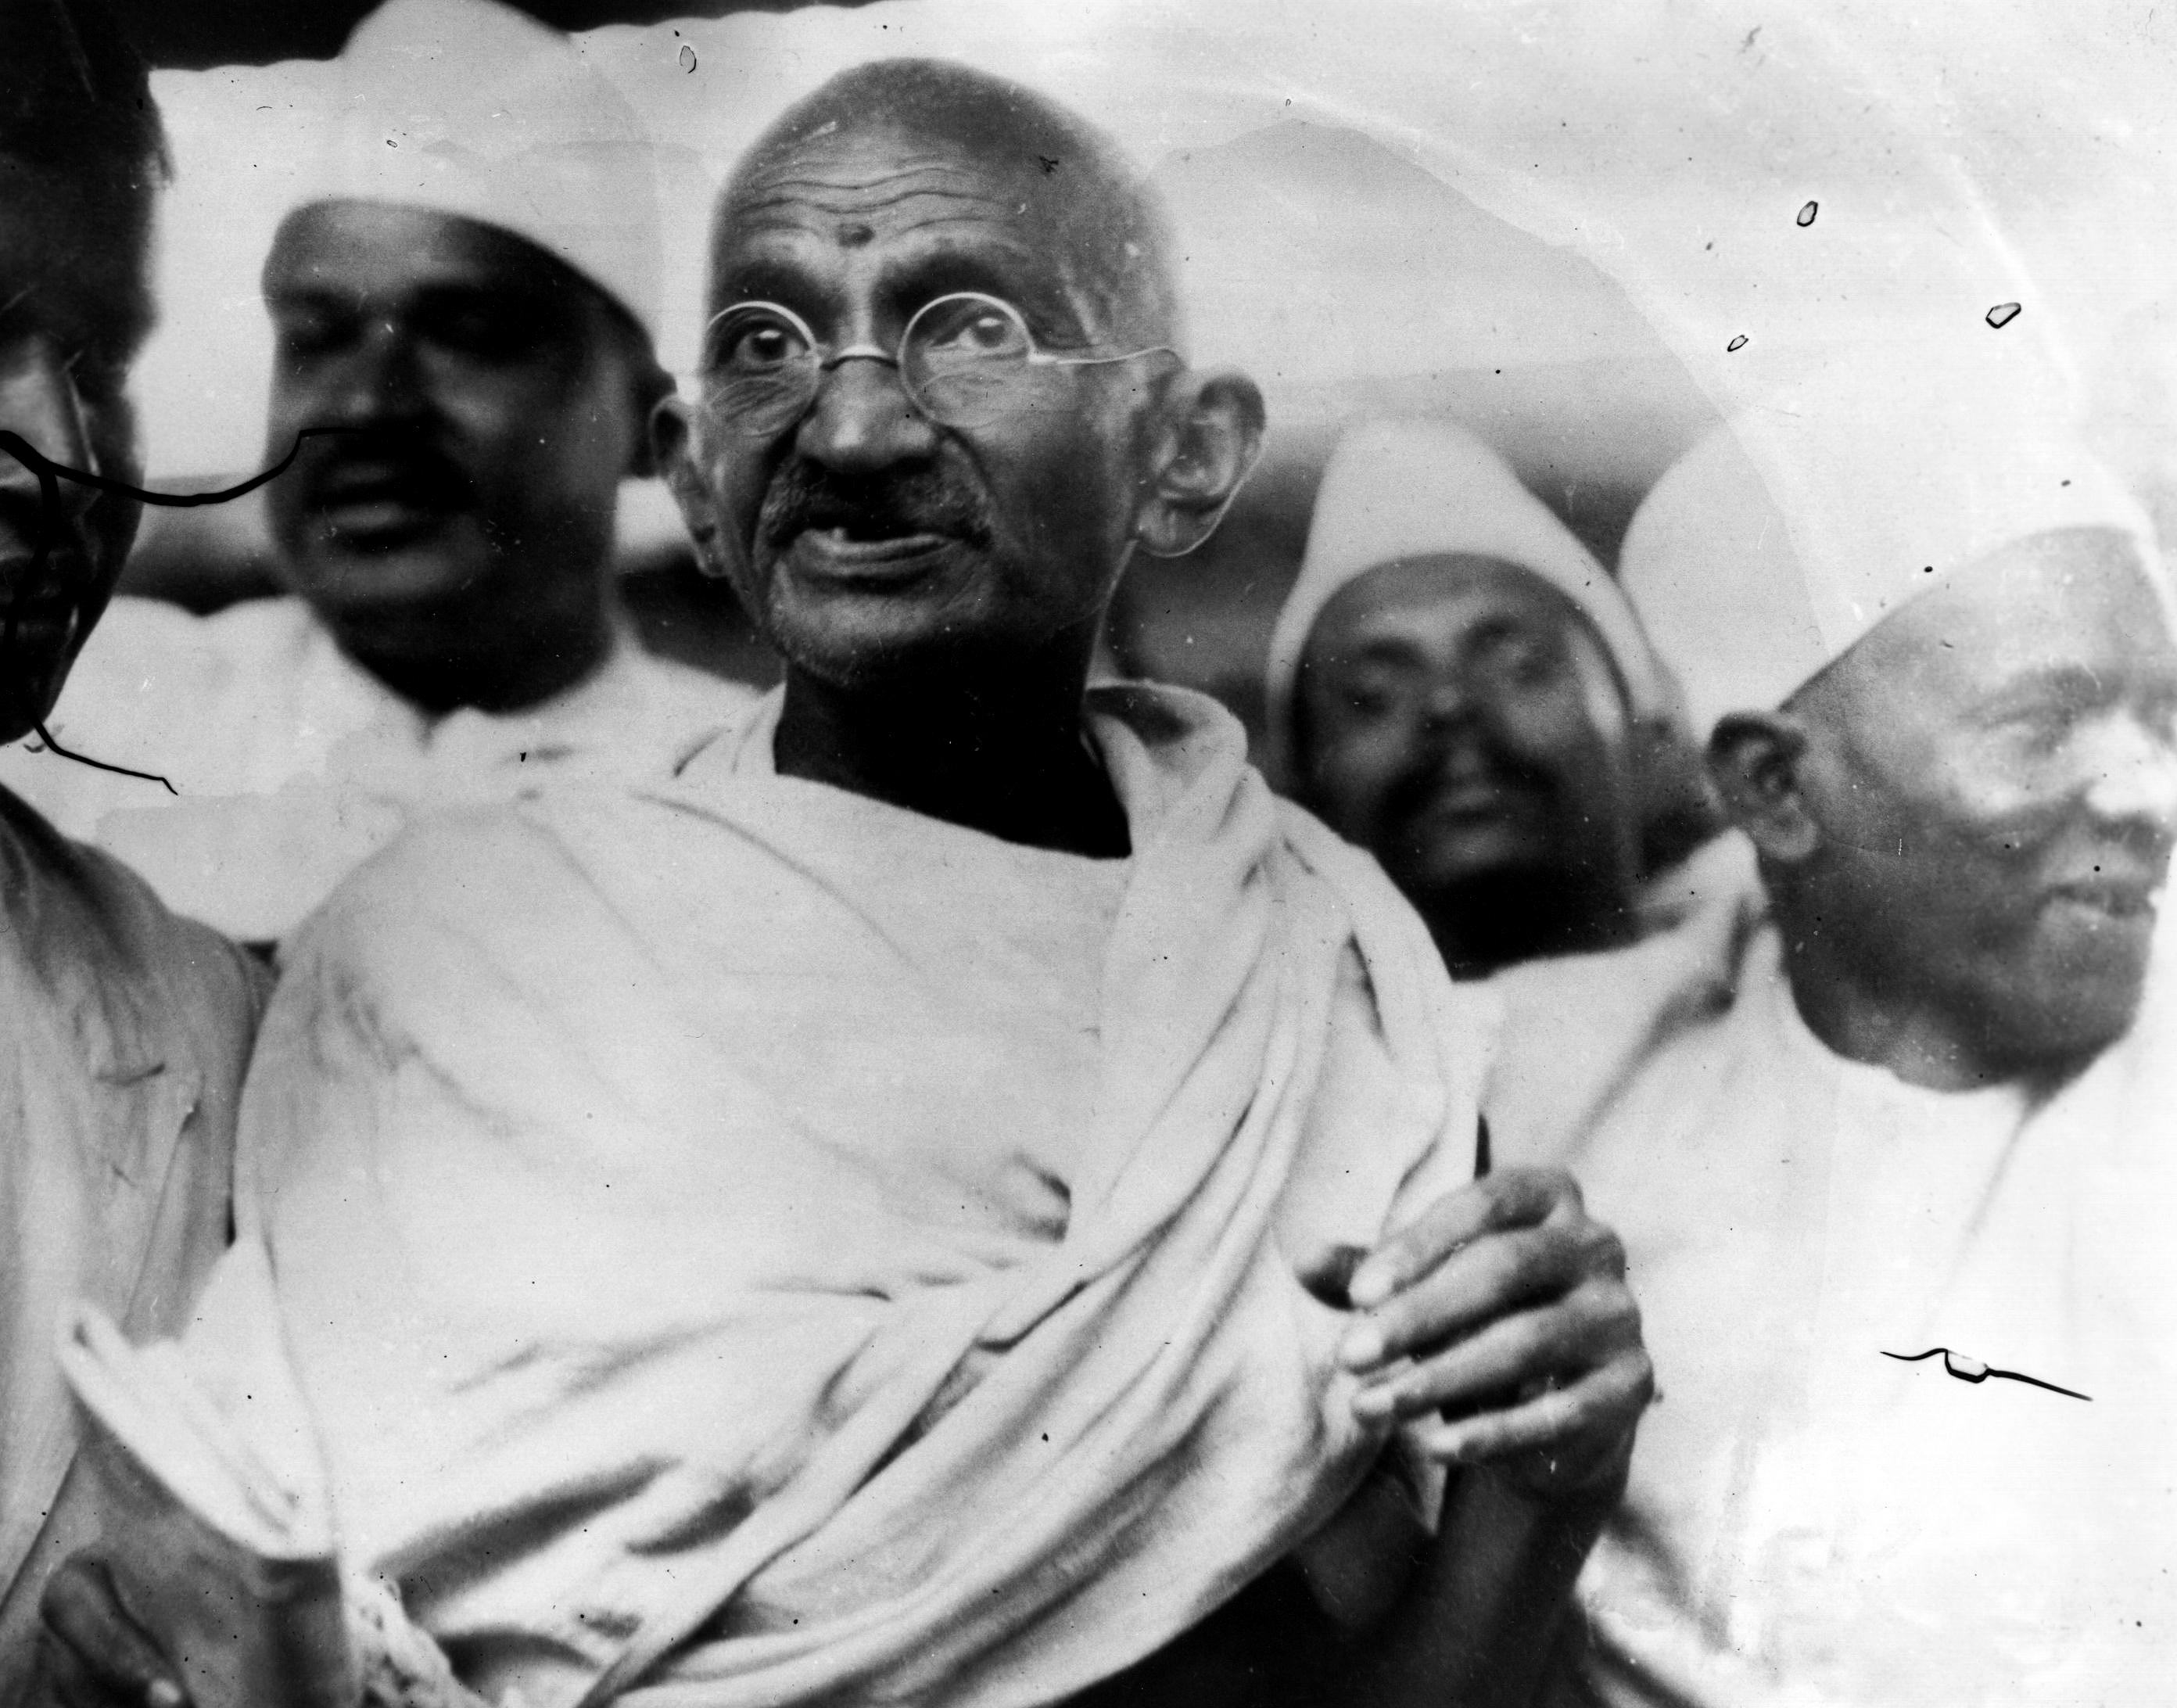 L'any 1948, Mohandas Karamchand Gandhi va ser assassinat